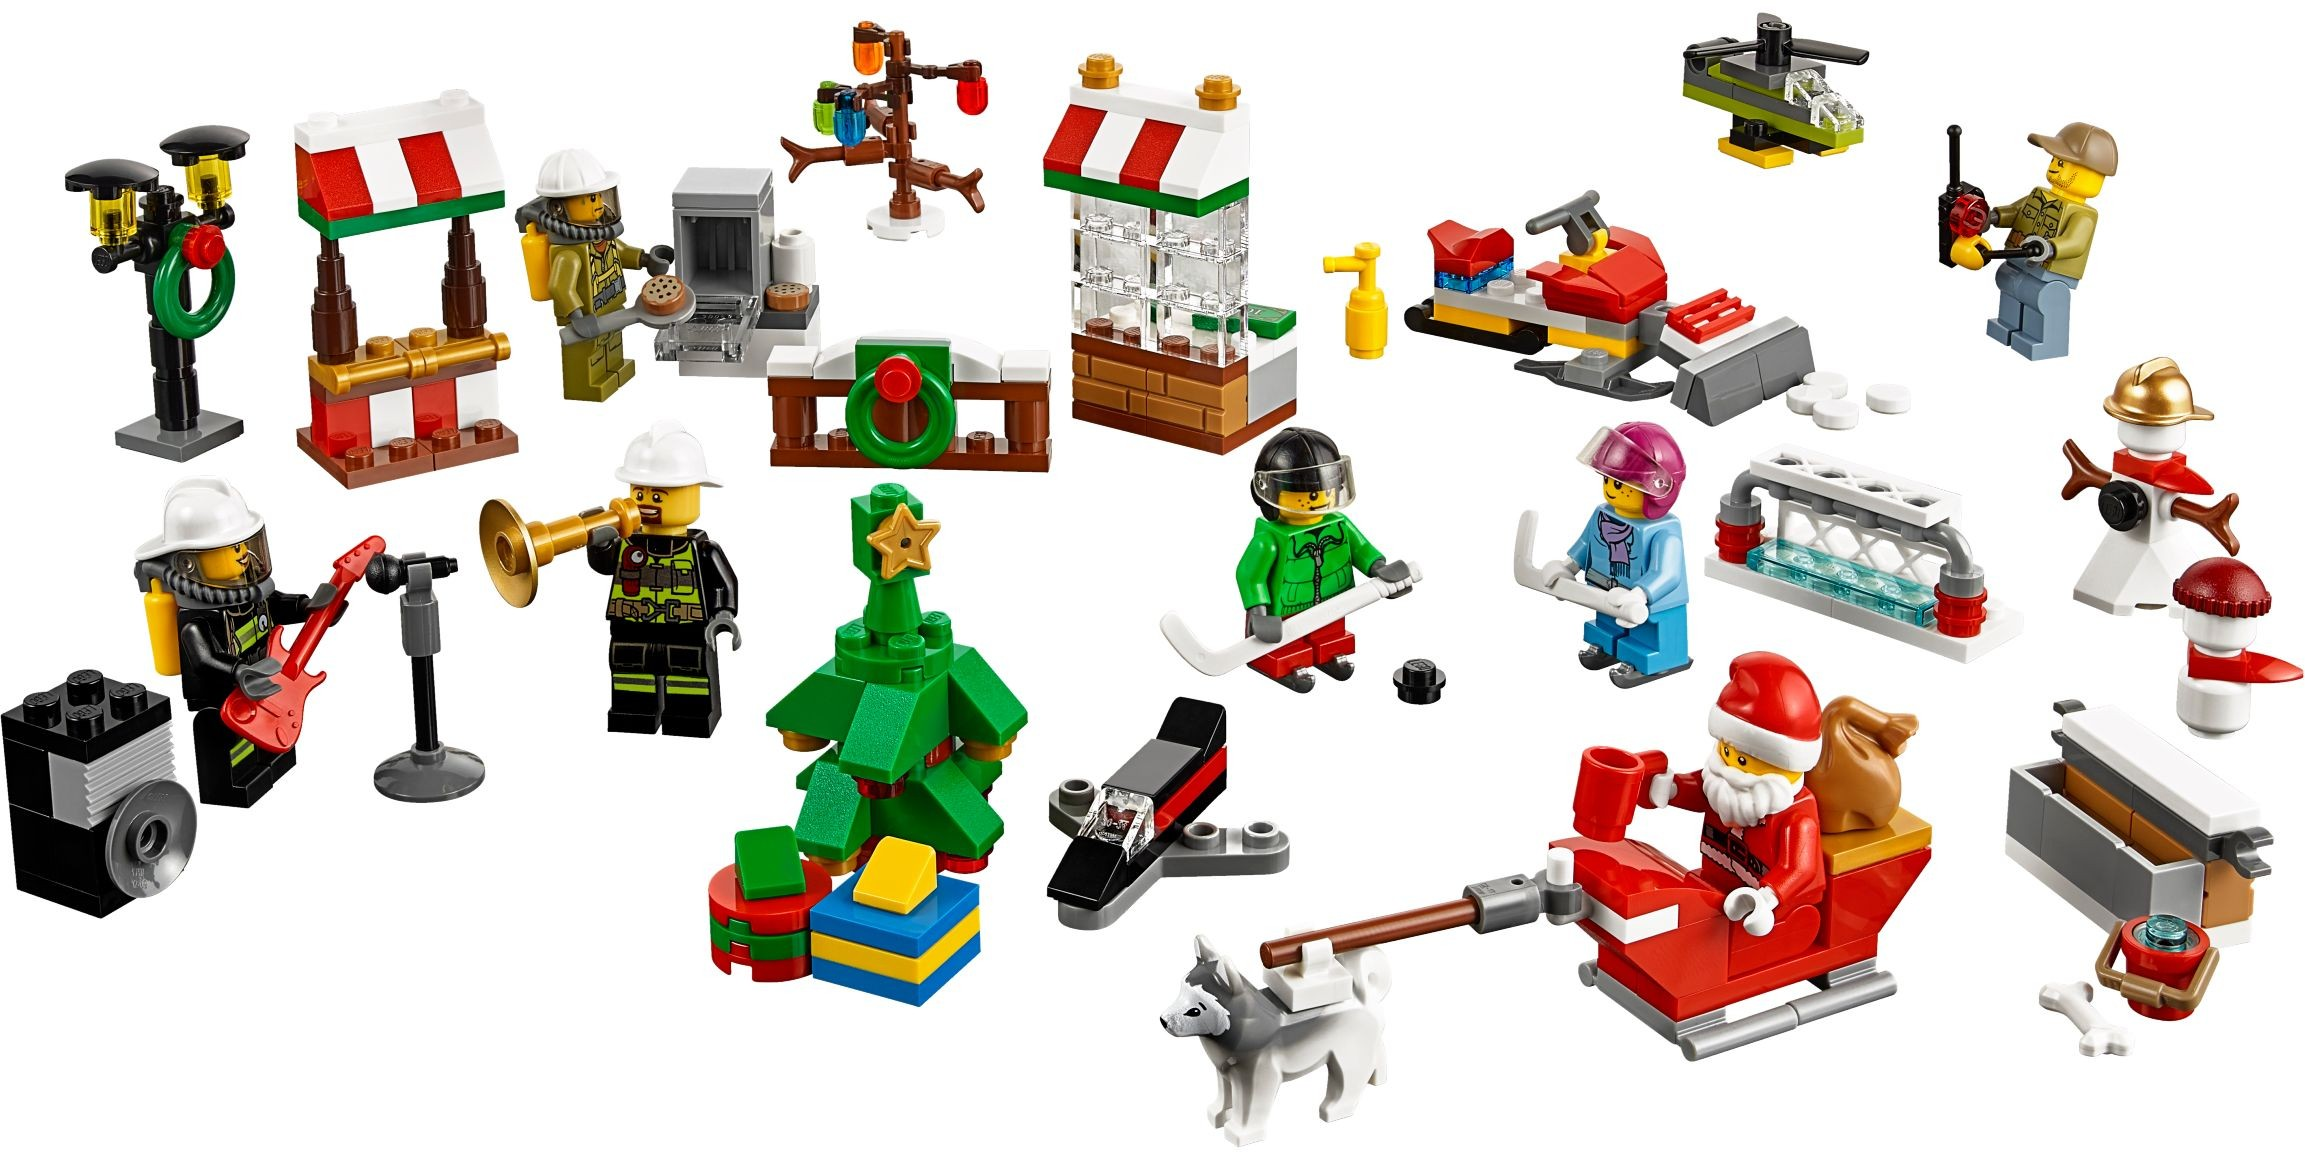 https://images.brickset.com/sets/large/60133-1.jpg?201608210825